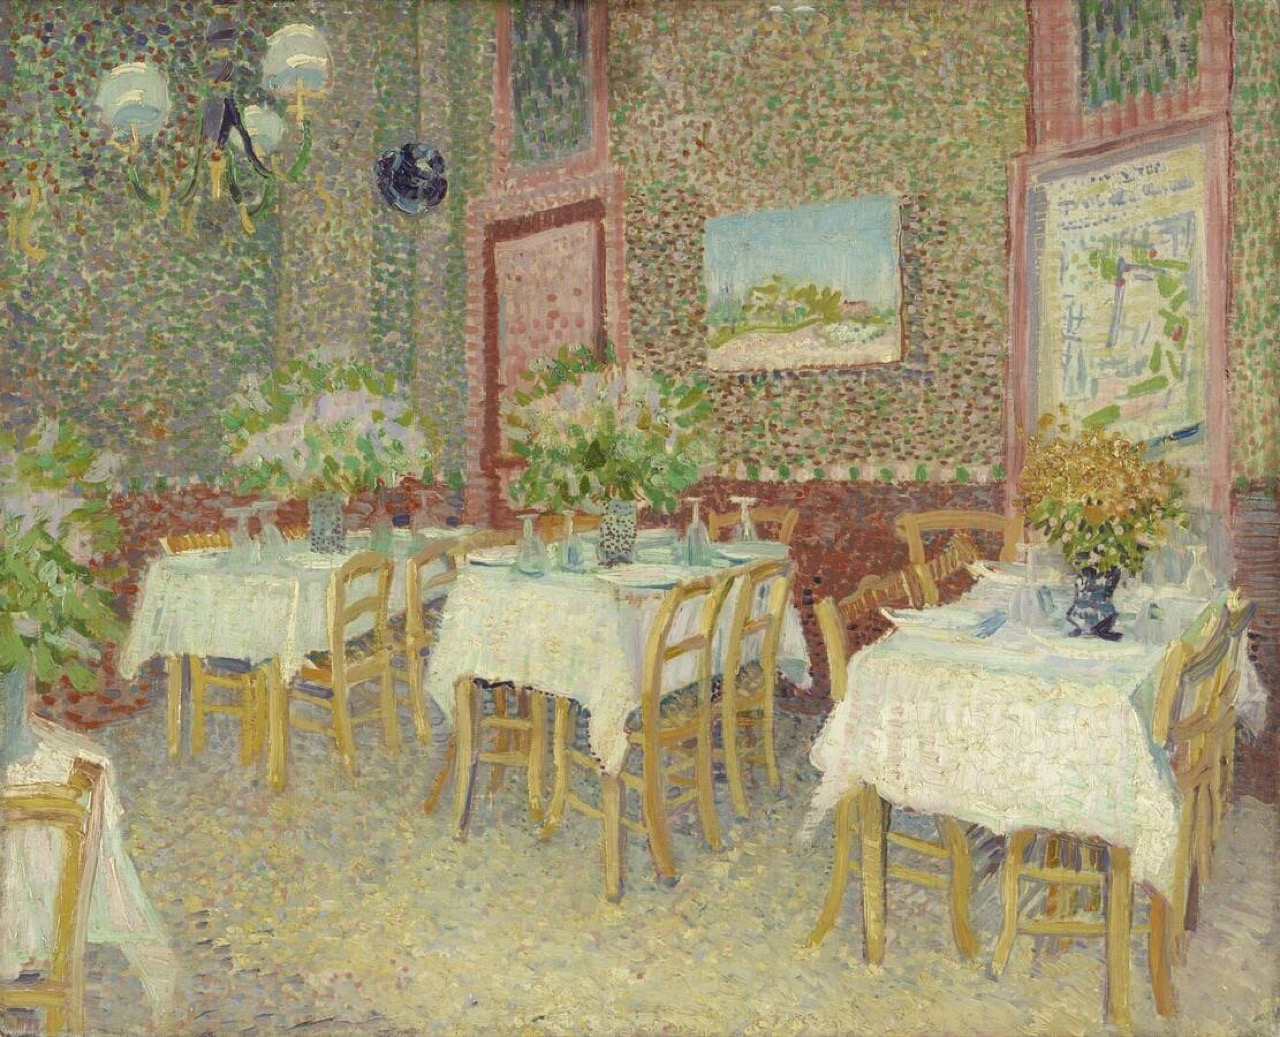 Van Gogh Kroller-Muller Museum tijdens de online CKV-dag